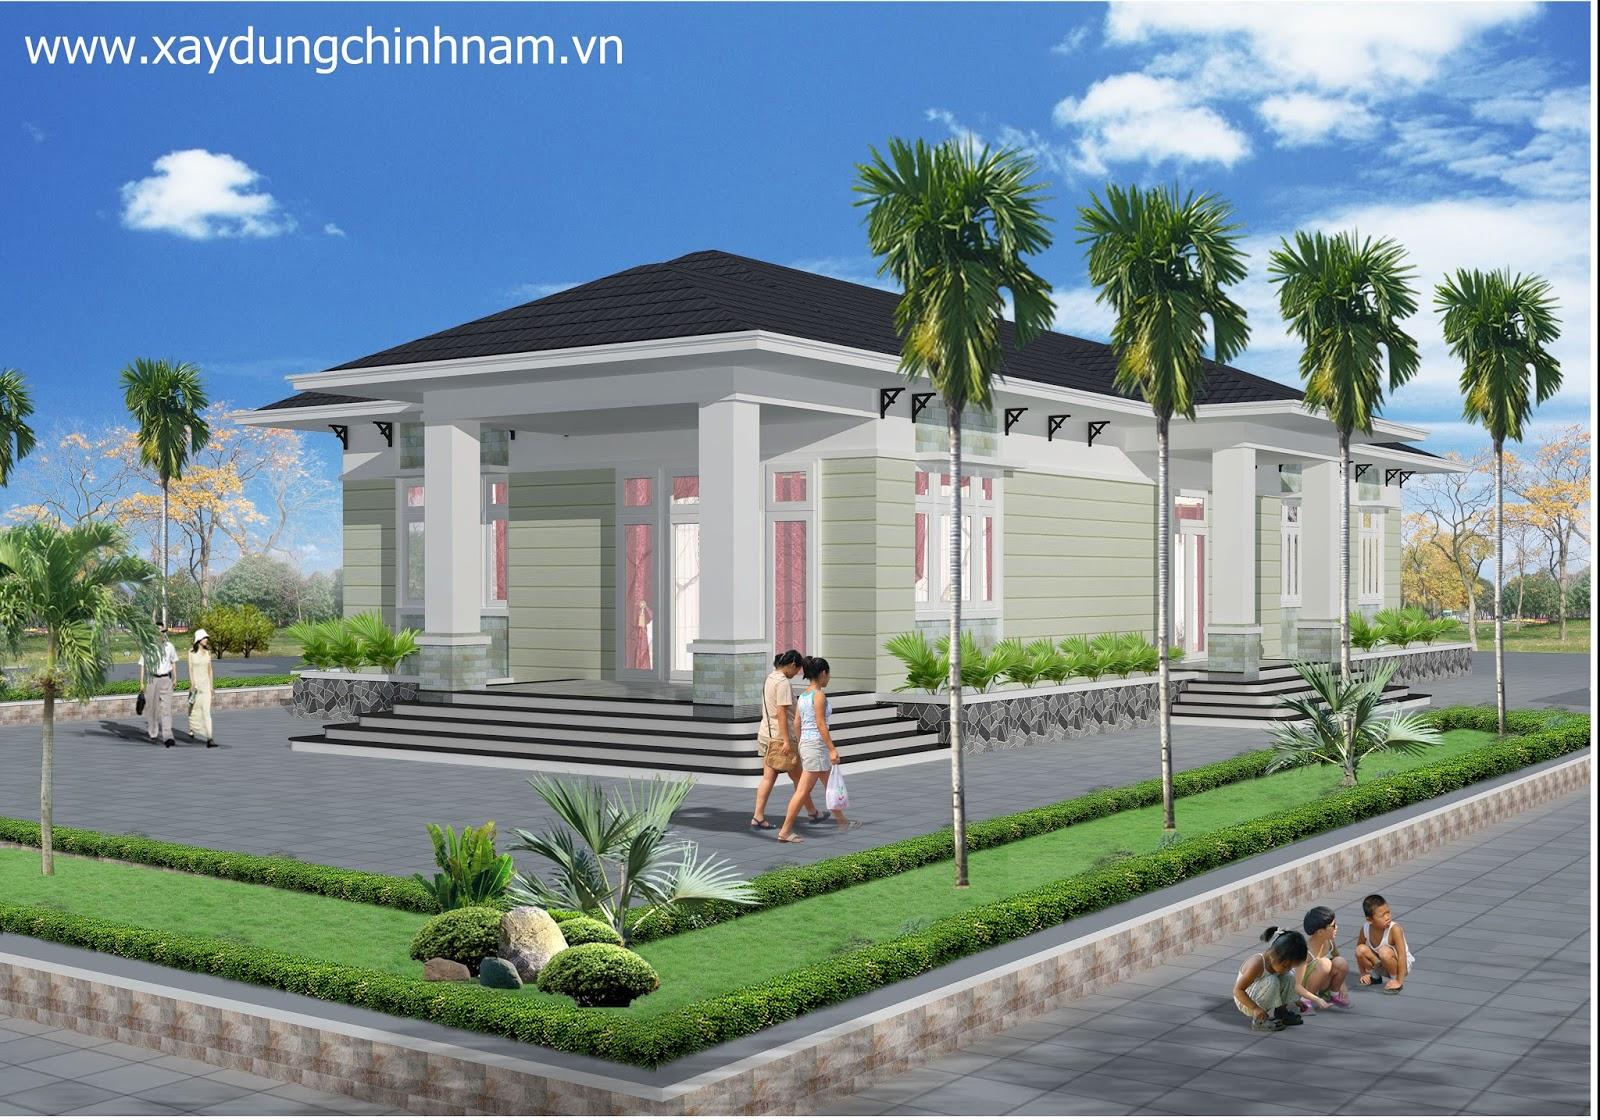 Thiết kế nhà chị Thuý tại Biên Hoà - Đồng Nai